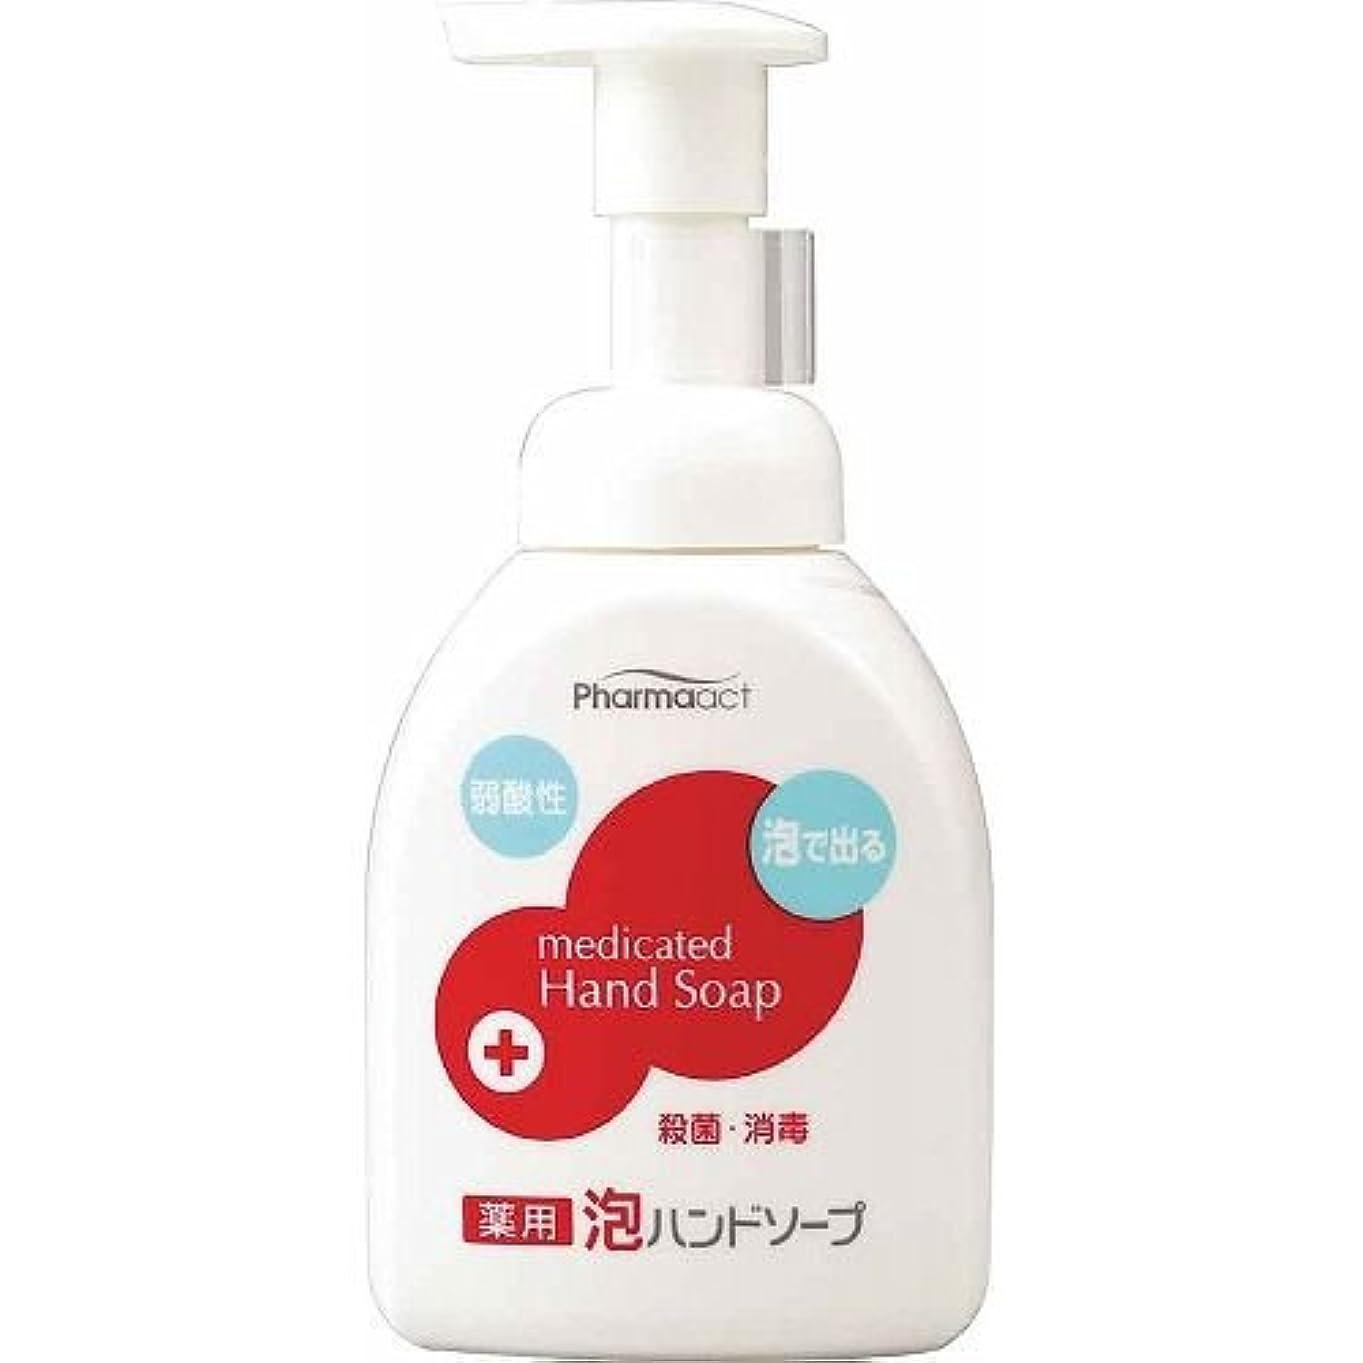 【まとめ買い】ファーマアクト 弱酸性薬用泡ハンドソープボトル 250ml ×6個